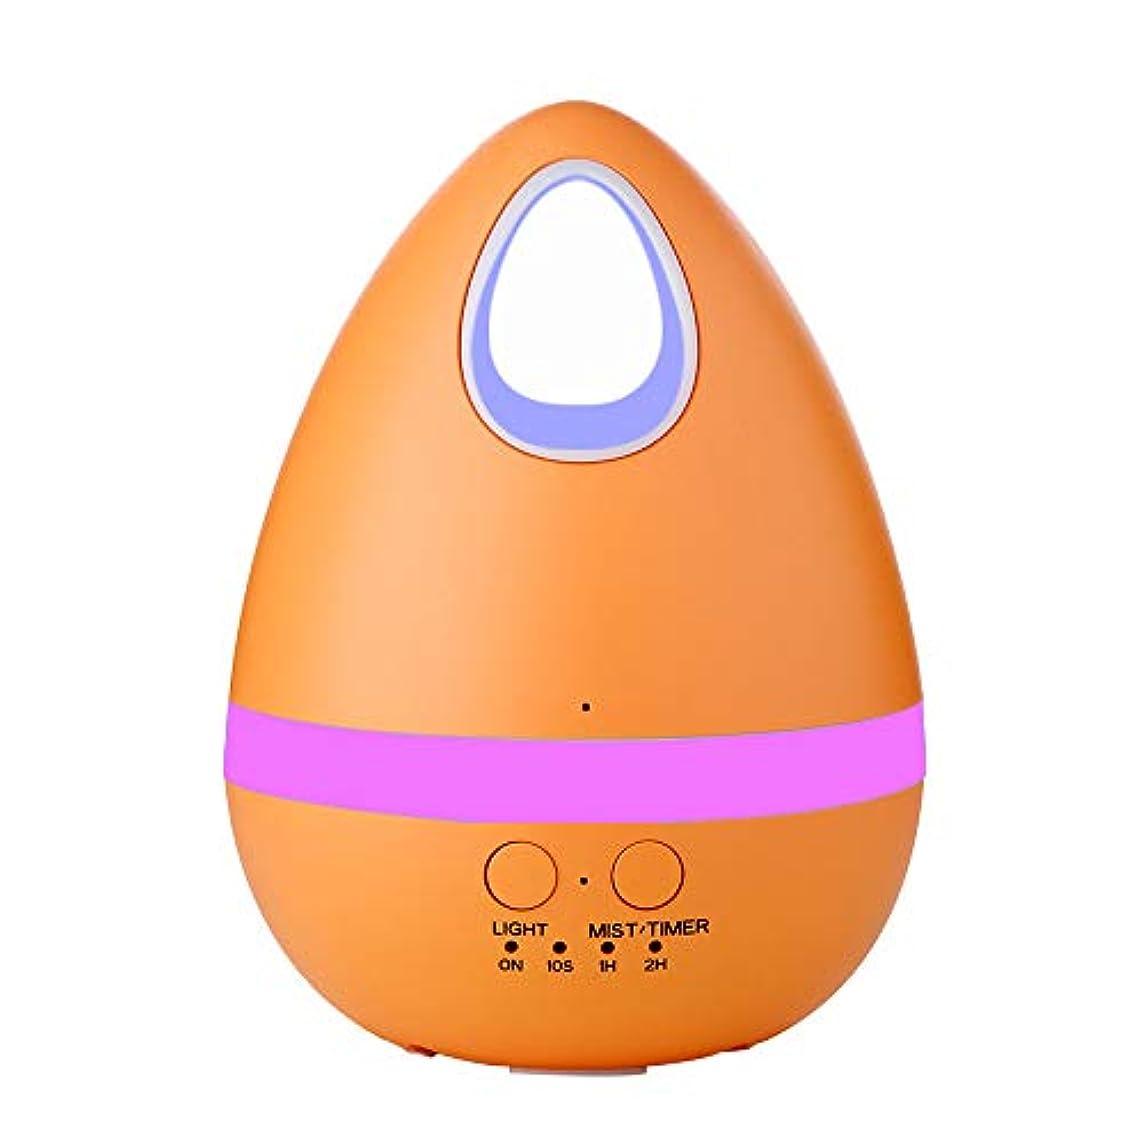 赤道娘娘エッセンシャルオイルディフューザー、アロマ加湿器、7色のグラデーションライト、時限スプレー、秒の間欠スプレー、ドライバーン防止、超静かなタイミング機能。,Orange